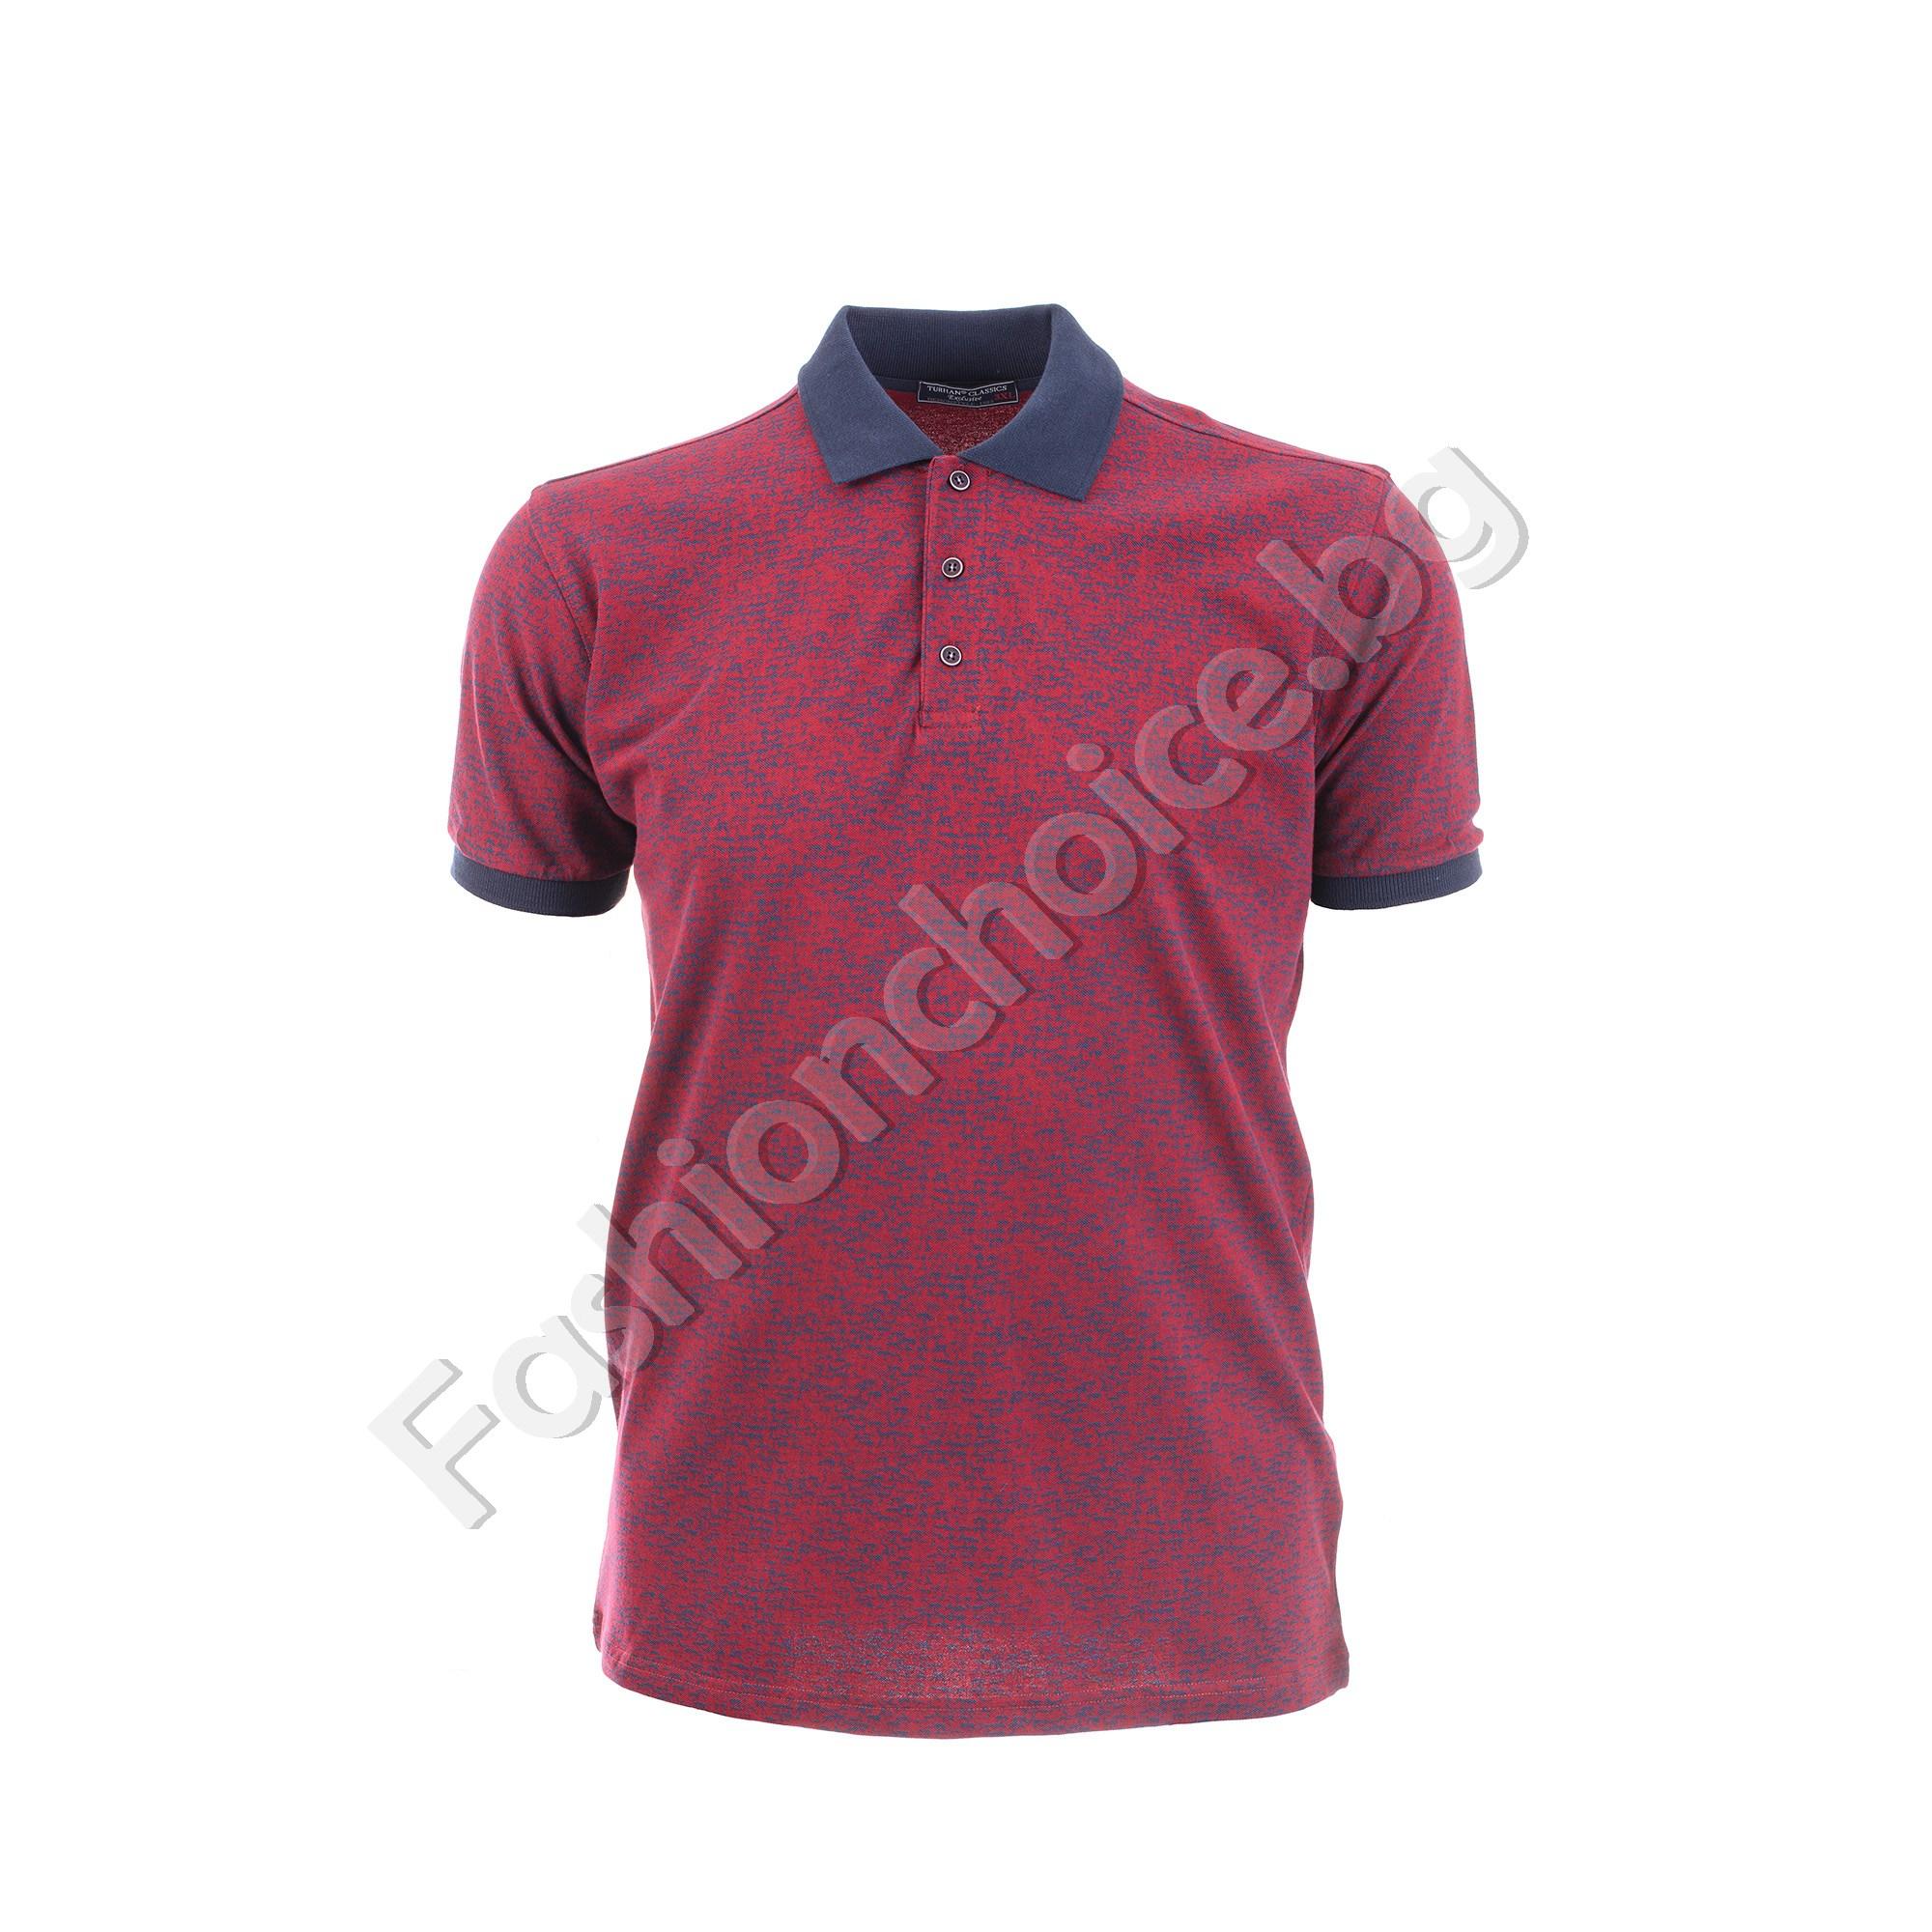 Ανδρική μπλούζα σε πολλά χρώματα Fashionchoice 86f6065b464